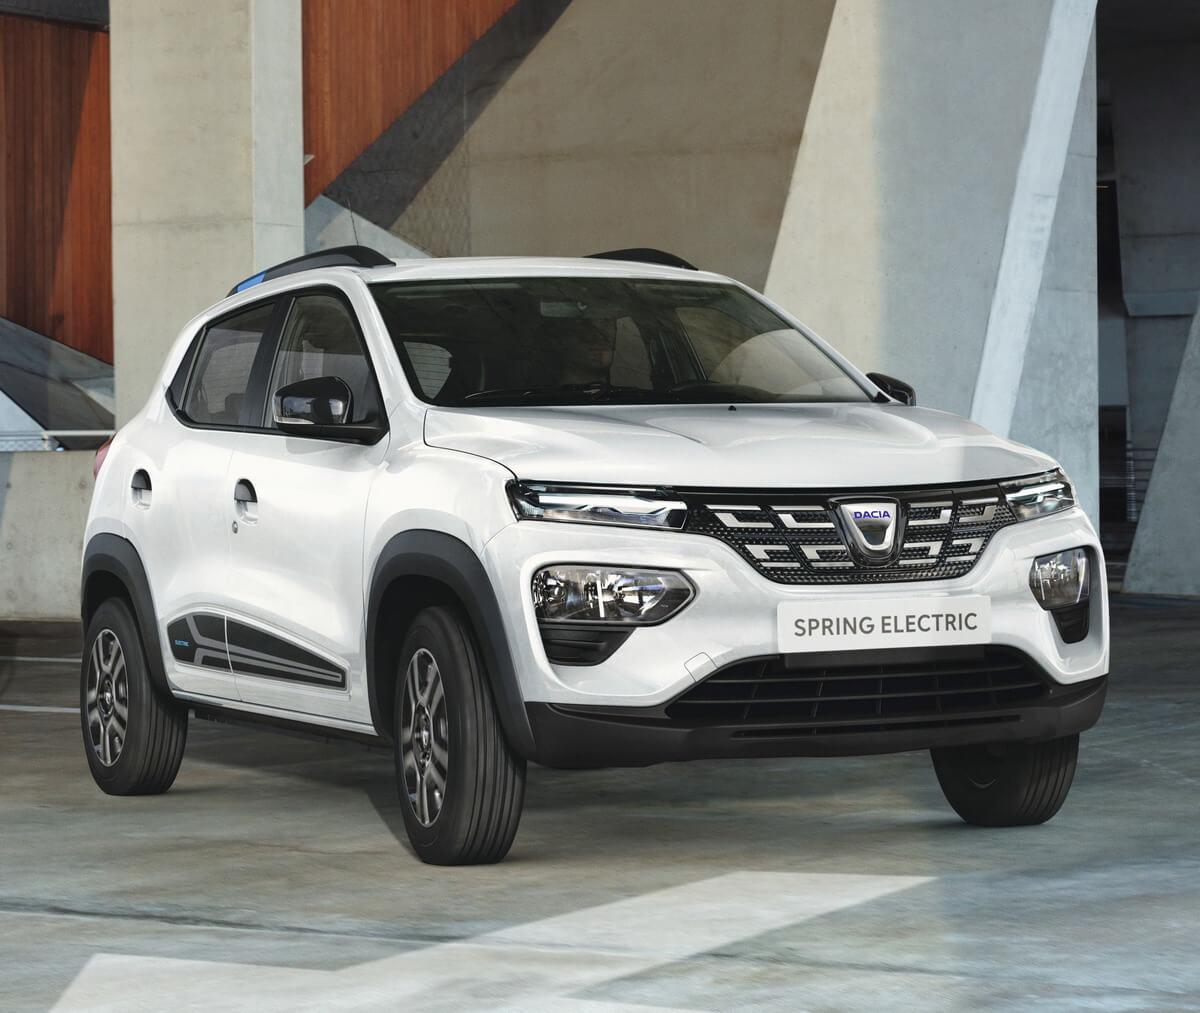 Dacia Spring Electric Cargo